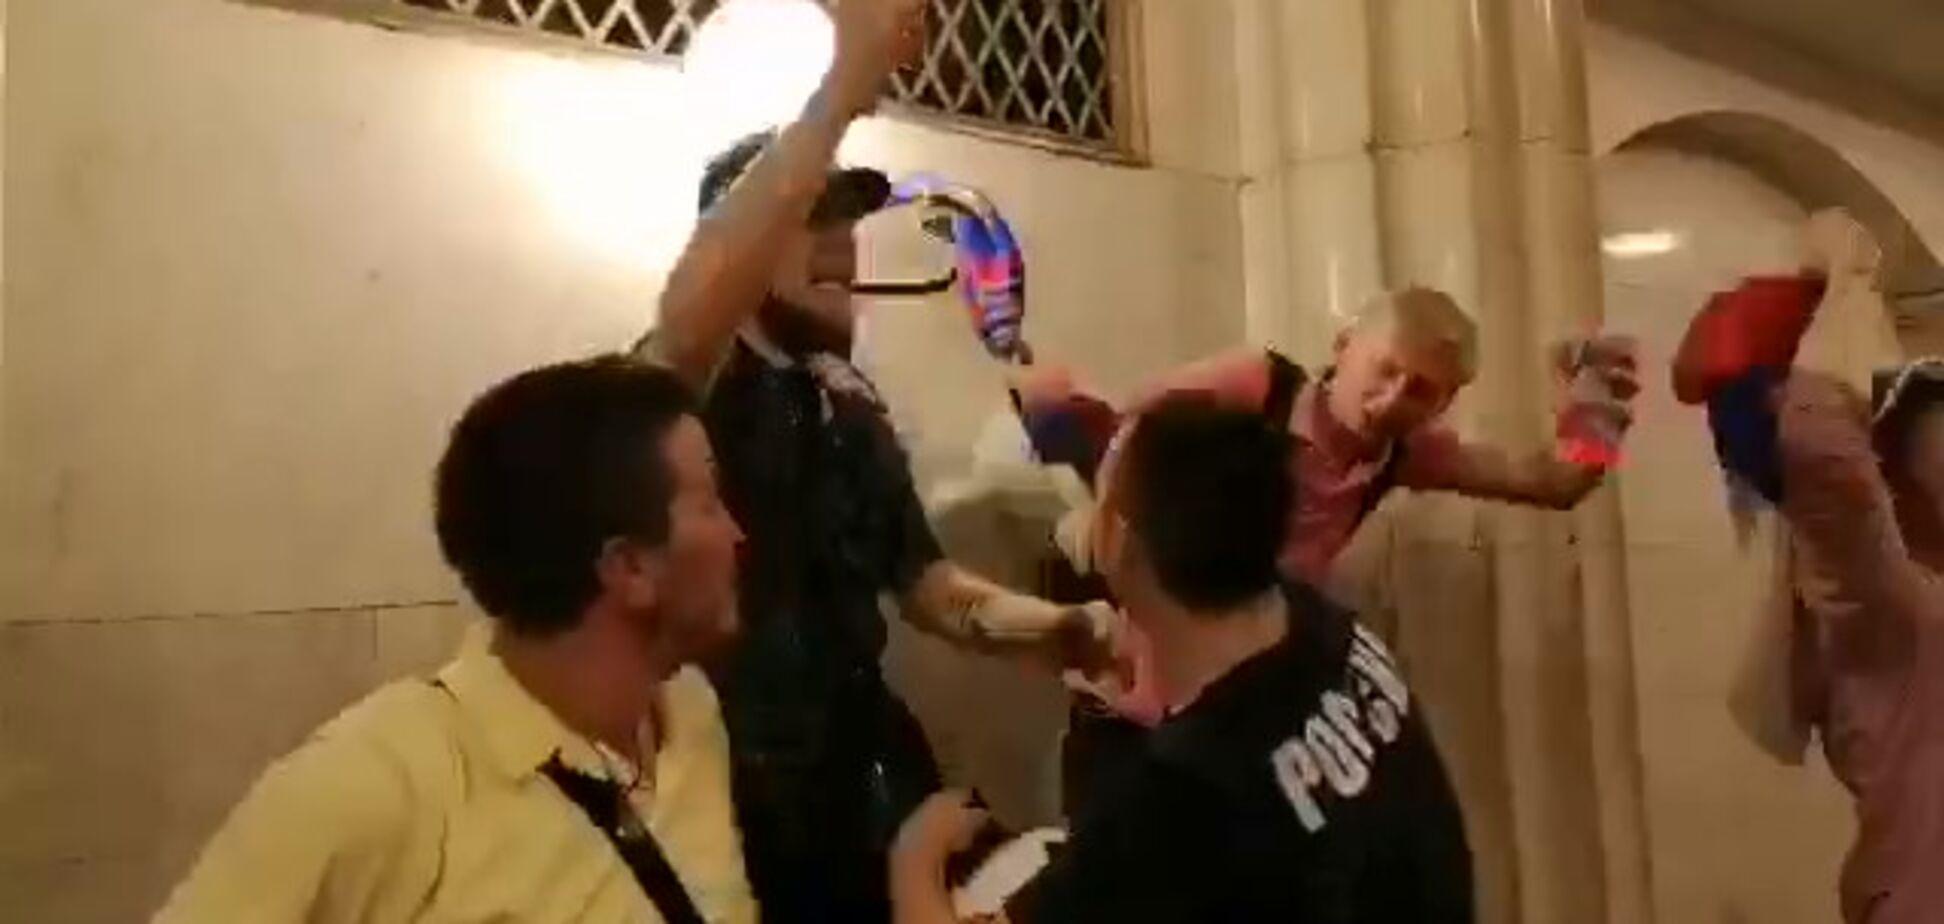 Пьяные российские болельщики трощили метро после победы сборной на ЧМ